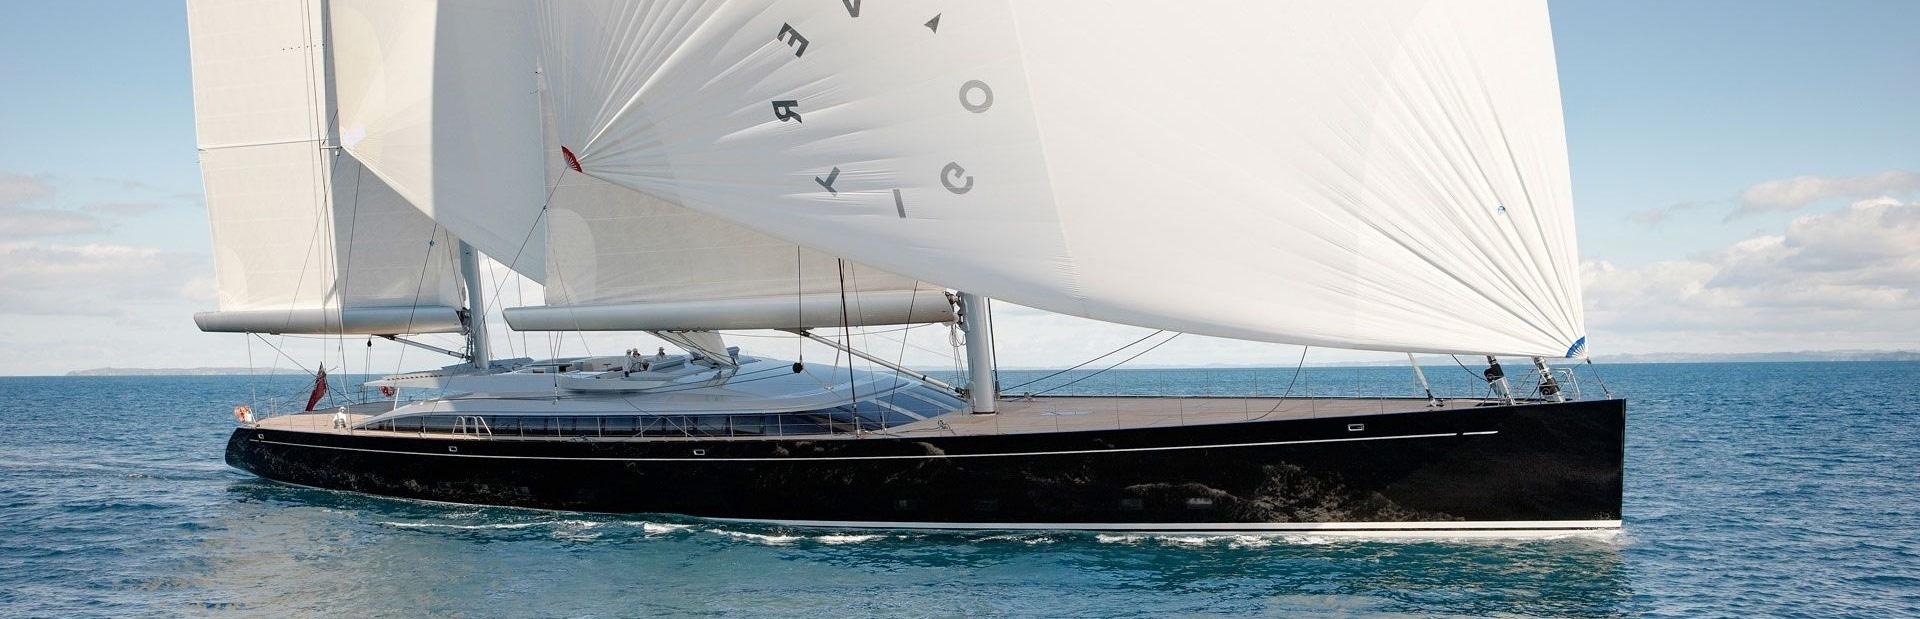 Sailing Yacht Vertigo Running Shot